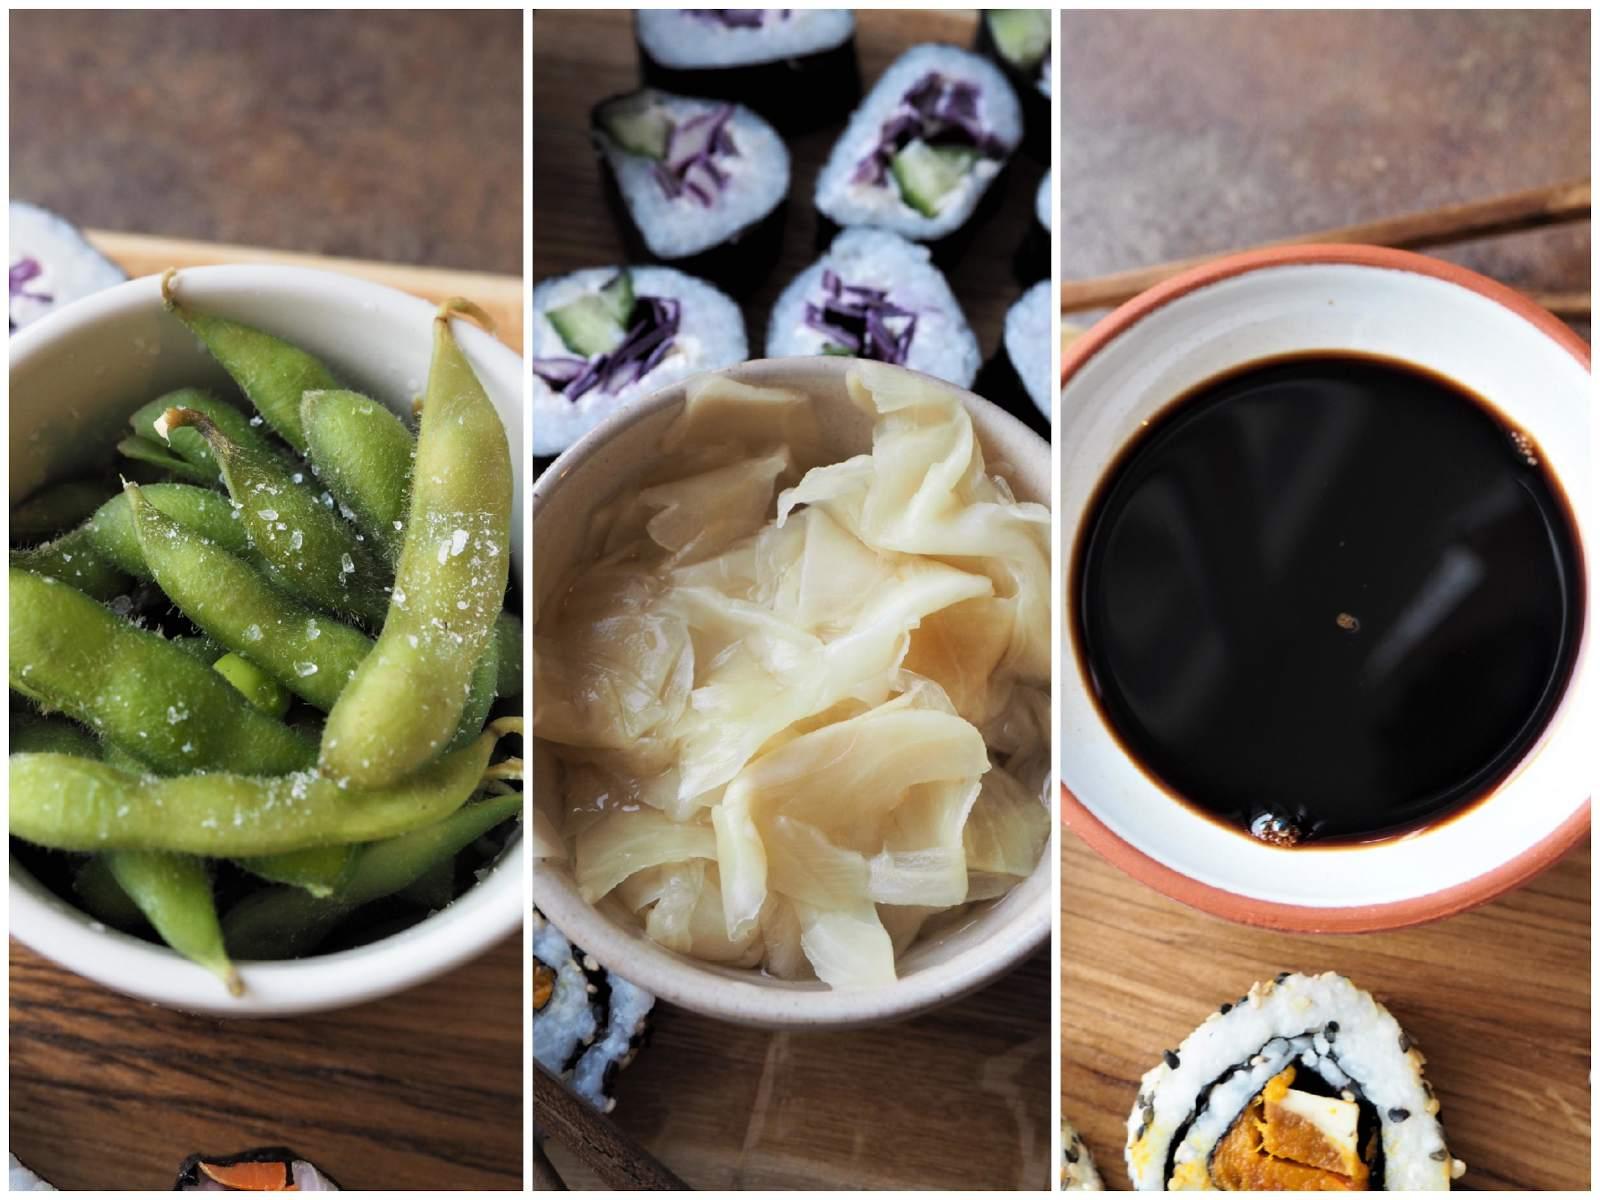 Veganes Sushi Verschiedene Sorten - Beilagen: Wasabi, Ingwer, Sojasauce